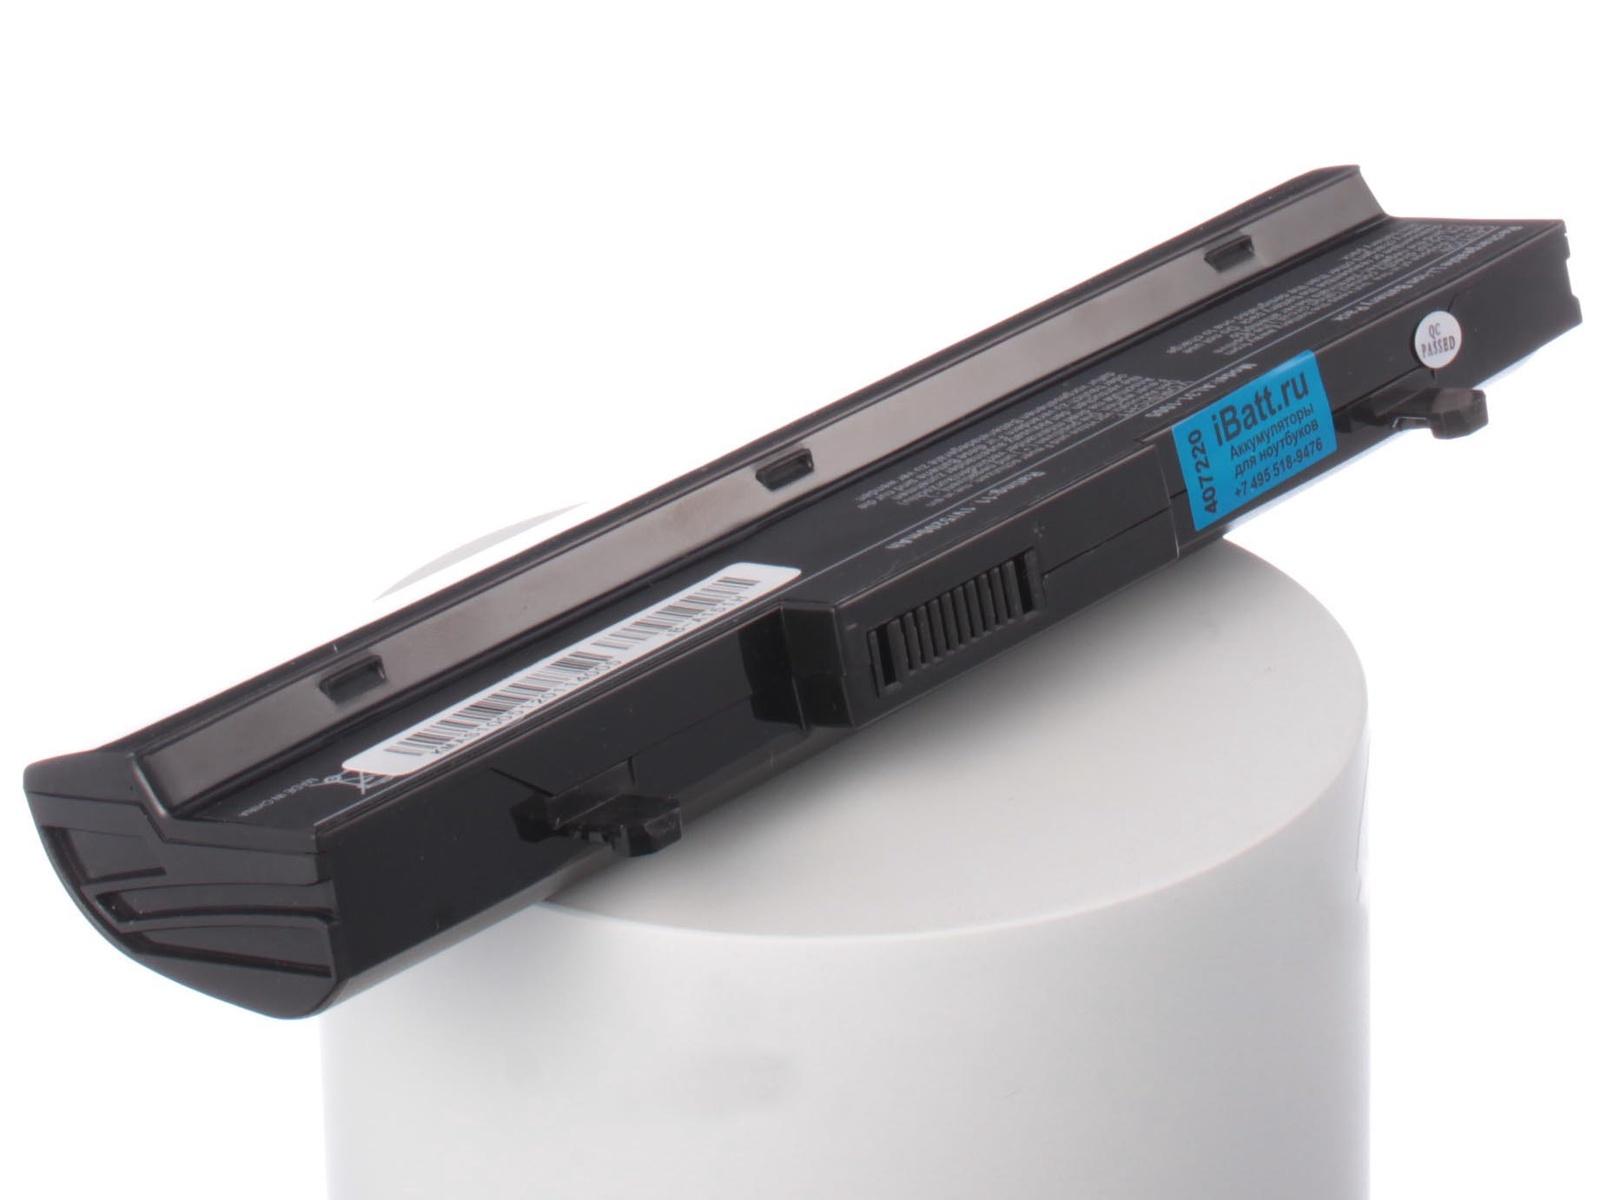 Аккумулятор для ноутбука iBatt для Asus Eee PC 1005PE, Eee PC 1005HAG, Eee PC 1001PG, Eee PC 1001HAG, Eee PC 1101, Eee PC 1005PR, Eee PC 1005H, Eee PC 1001PQ, Eee PC 1005HAB, Eee PC R105, Eee PC 1005HA-V, Eee PC R101